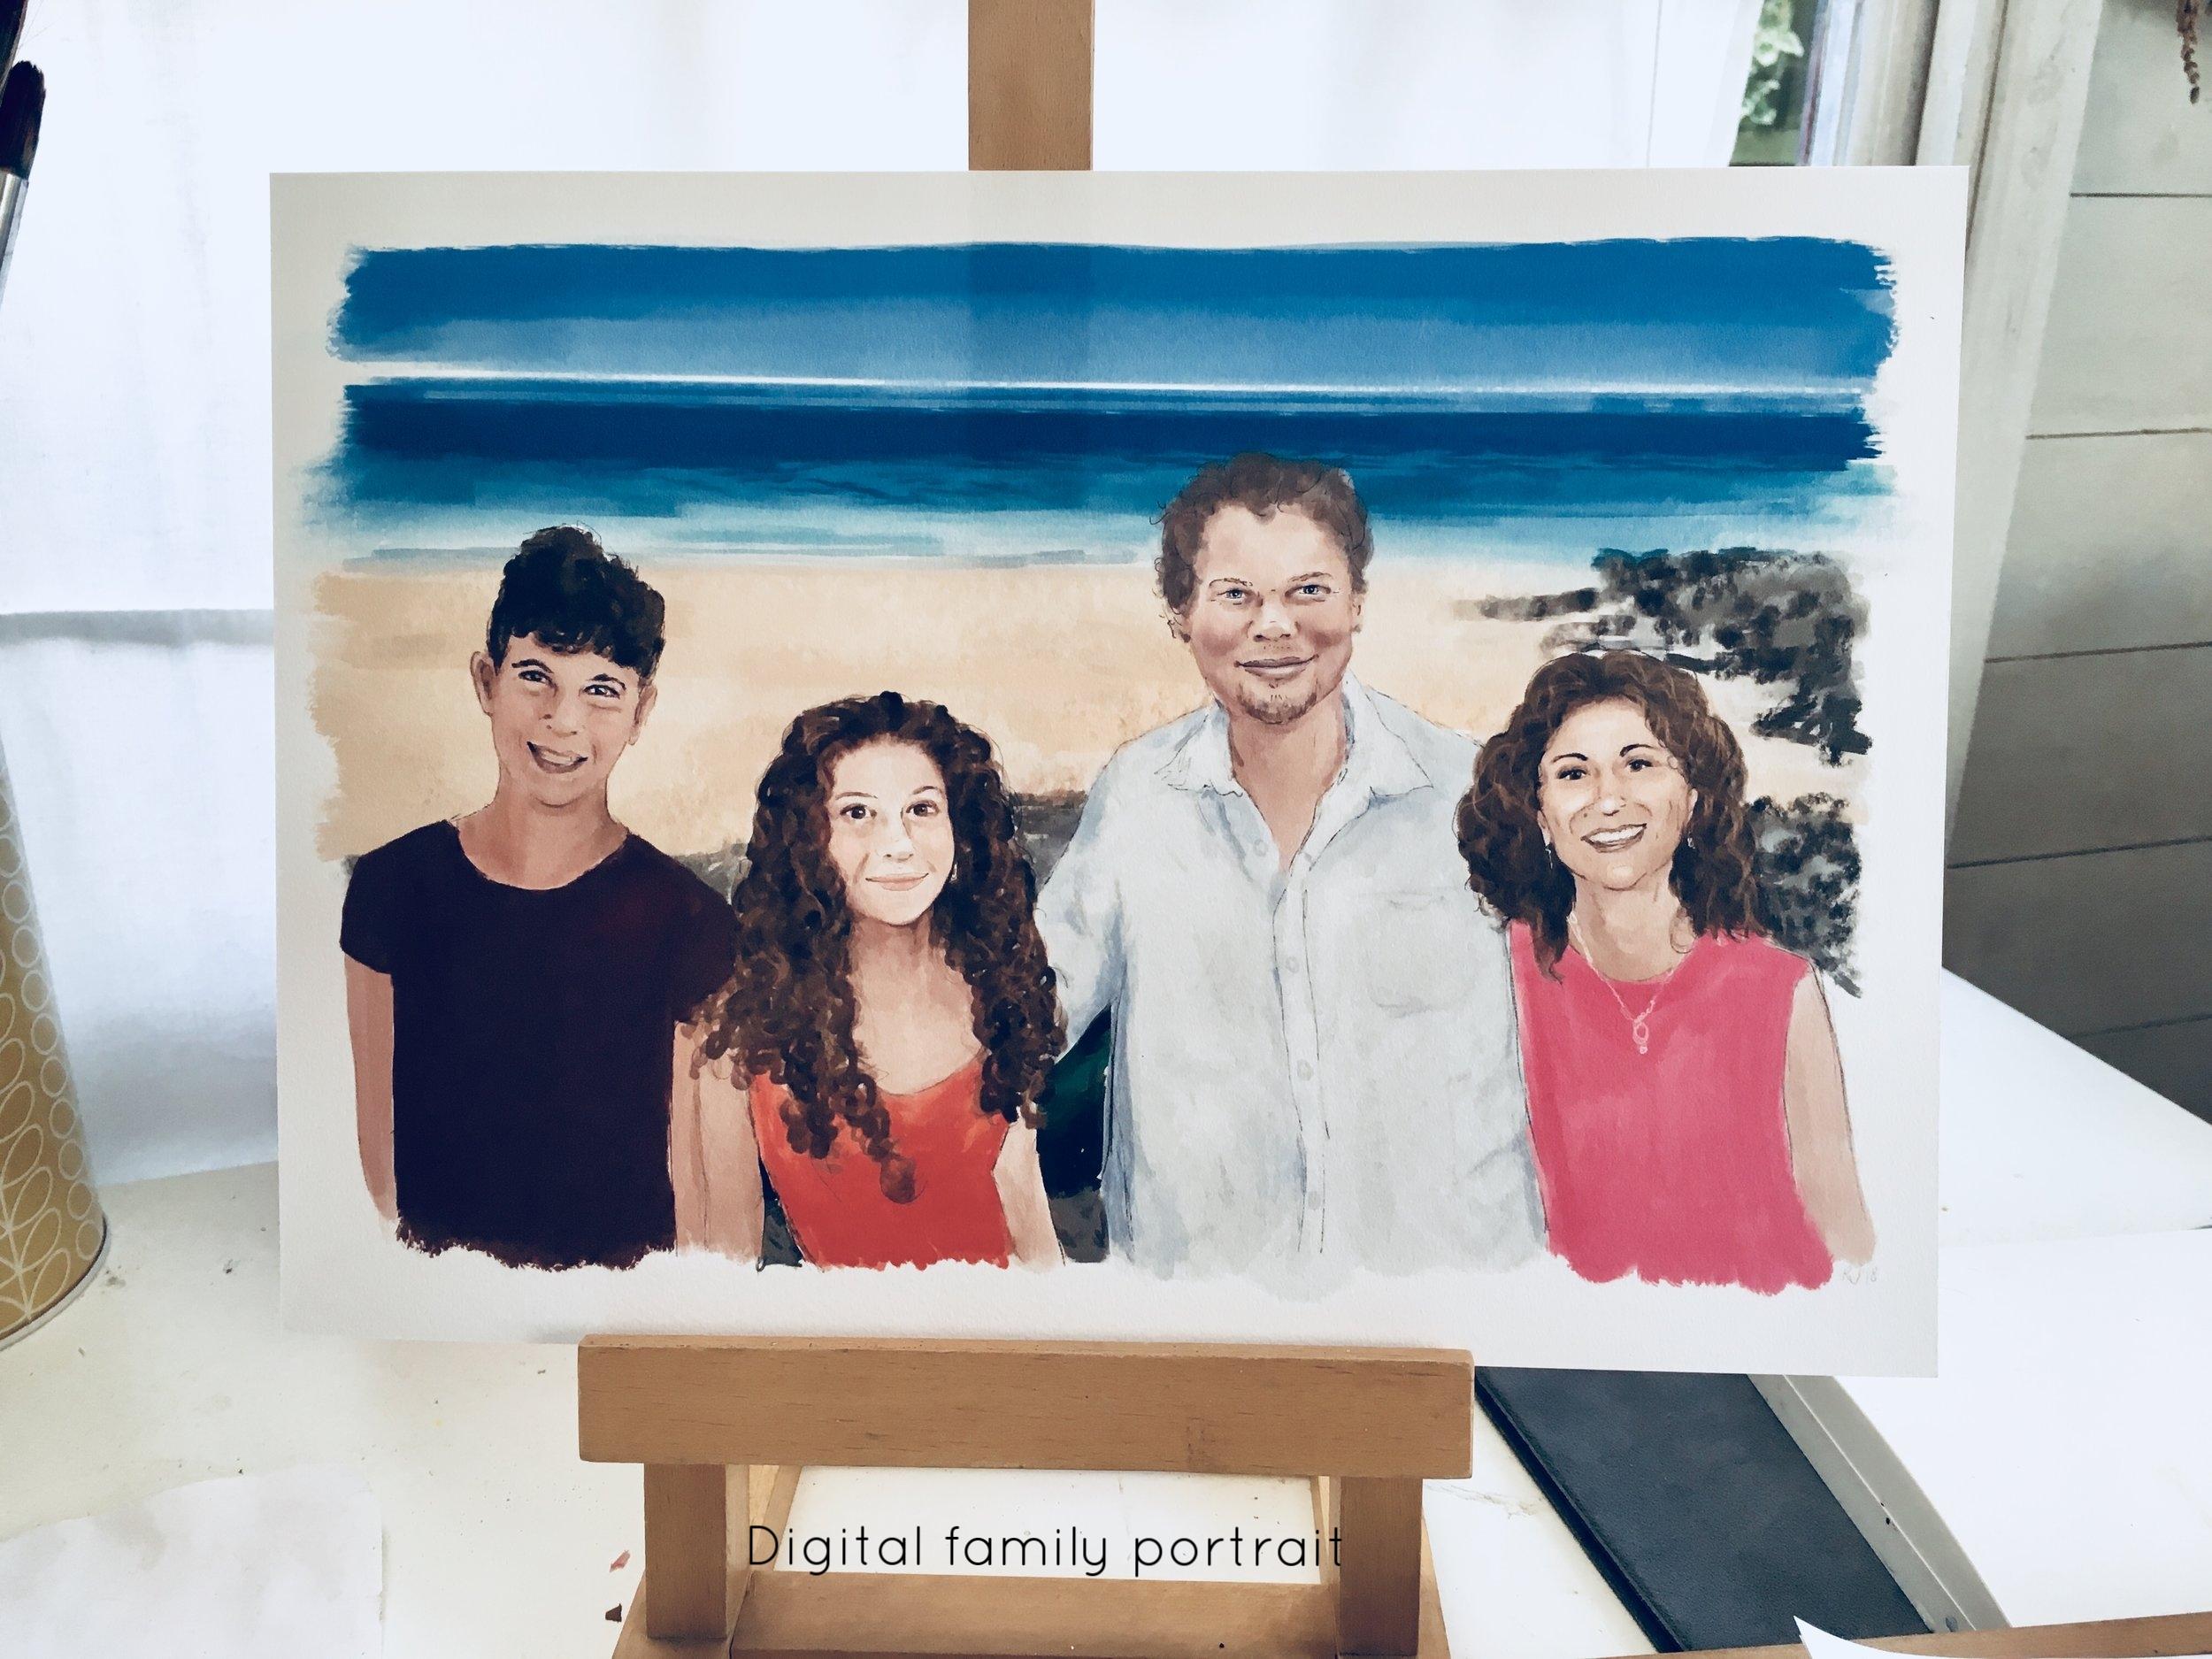 digital family detail background.jpg